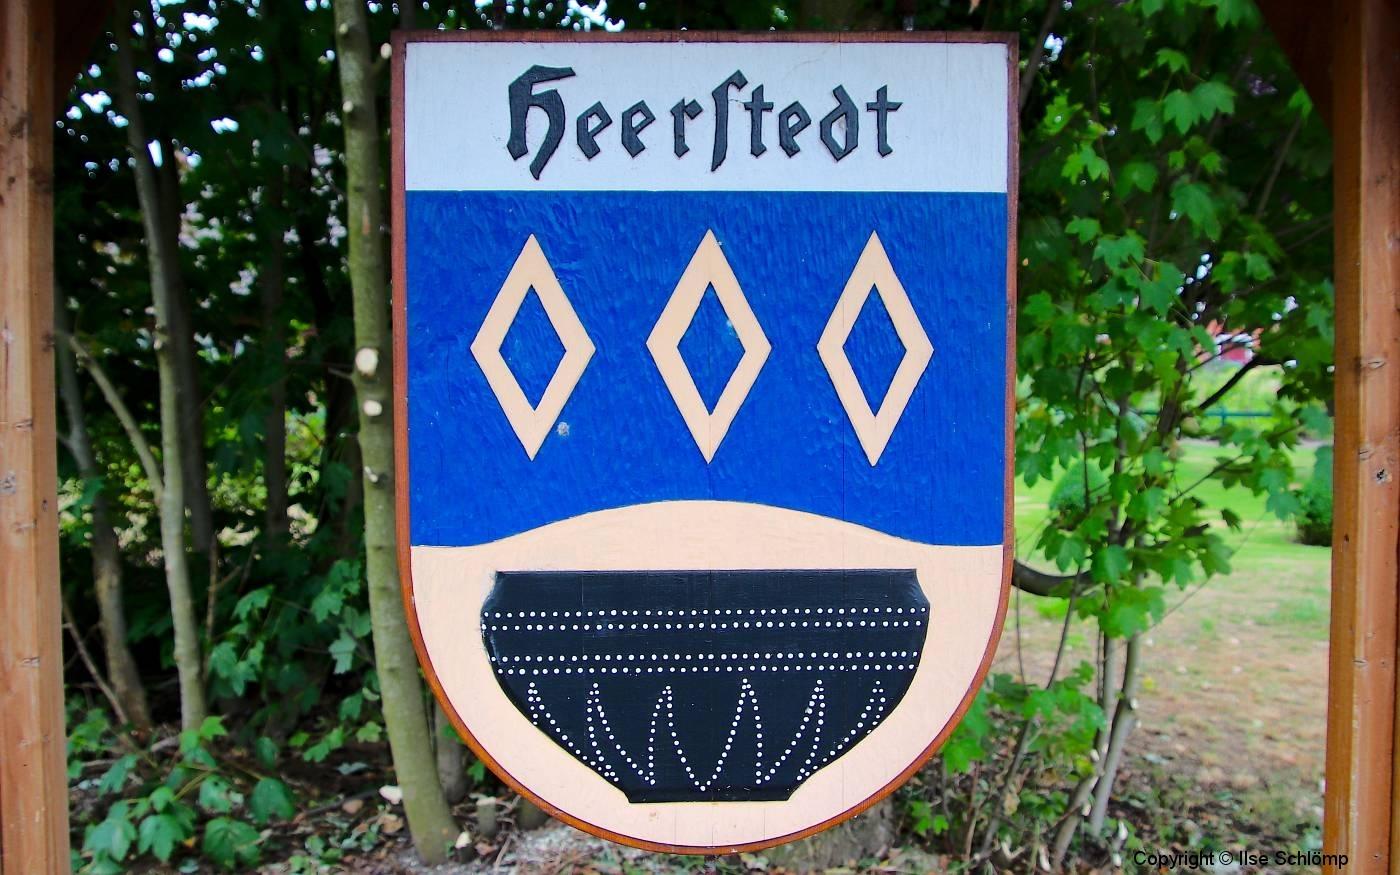 Cuxland, Beverstedt-Heerstedt 2018, Wappen